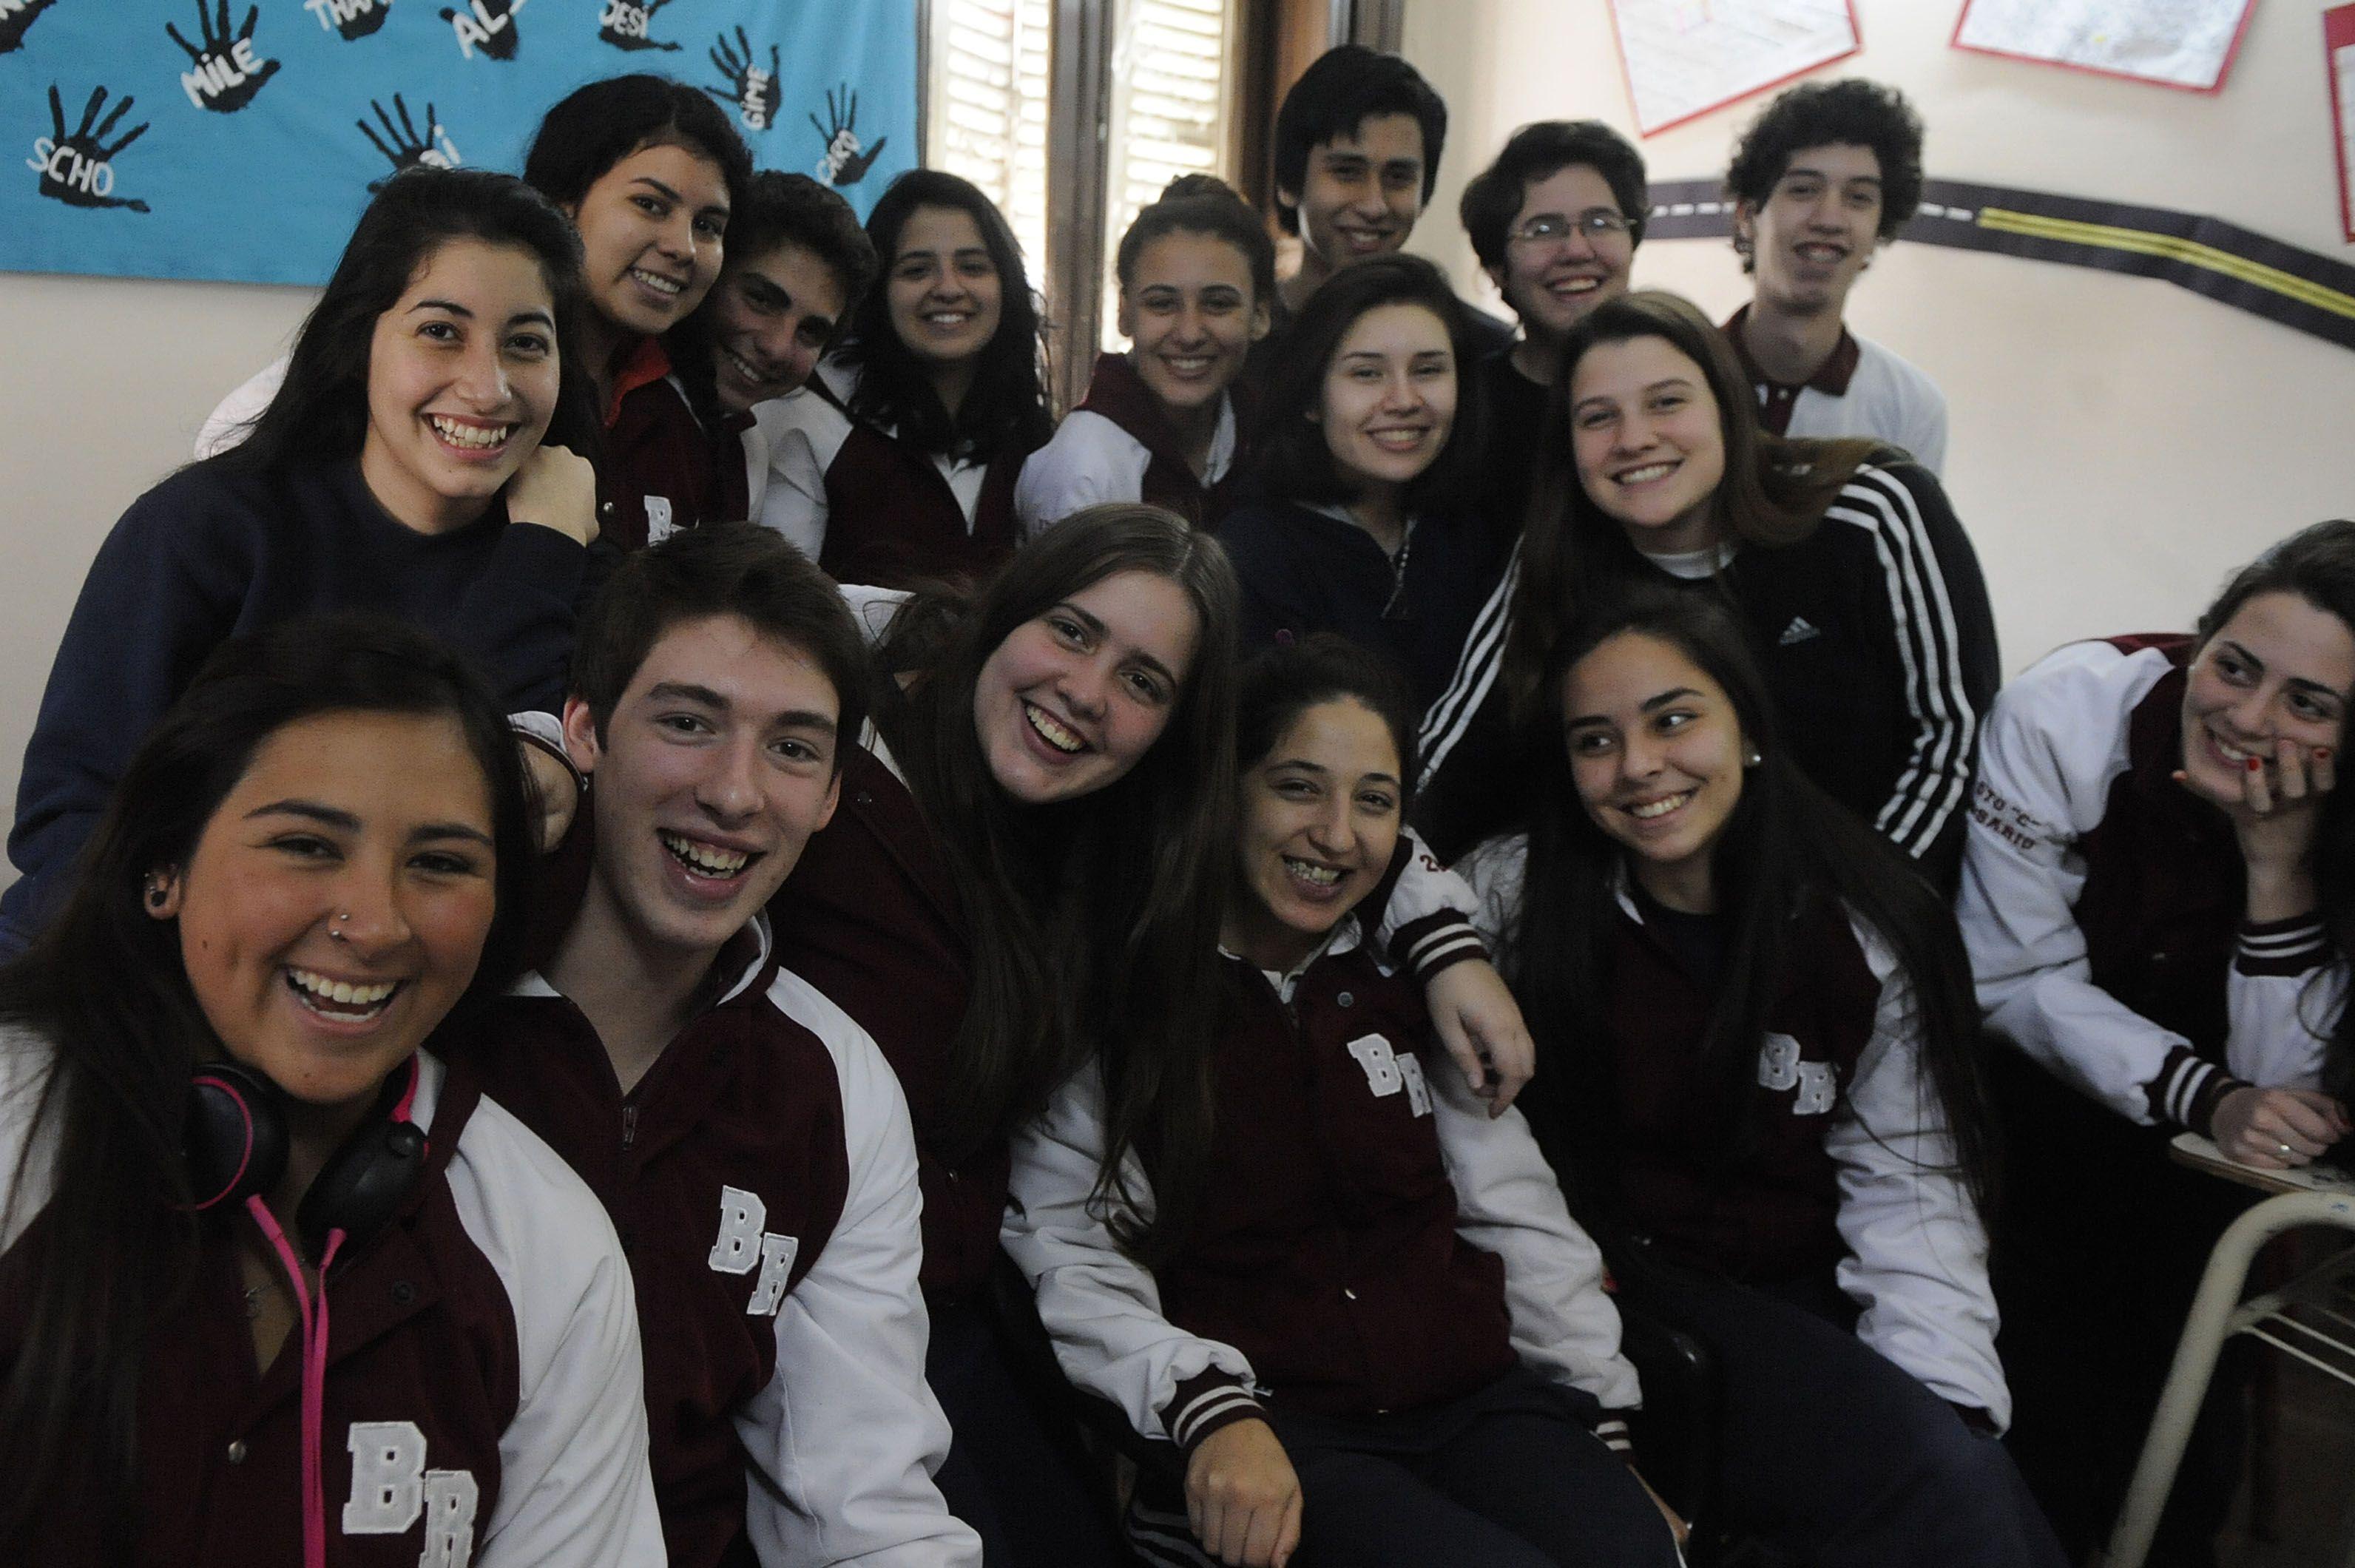 Un grupo de 5º año de la Escuela Secundaria Nº 432 Bernardino Rivadavia comparte sus dudas sobre qué hacer una vez finalizada la etapa obligatoria. Algunos ya eligieron carrera